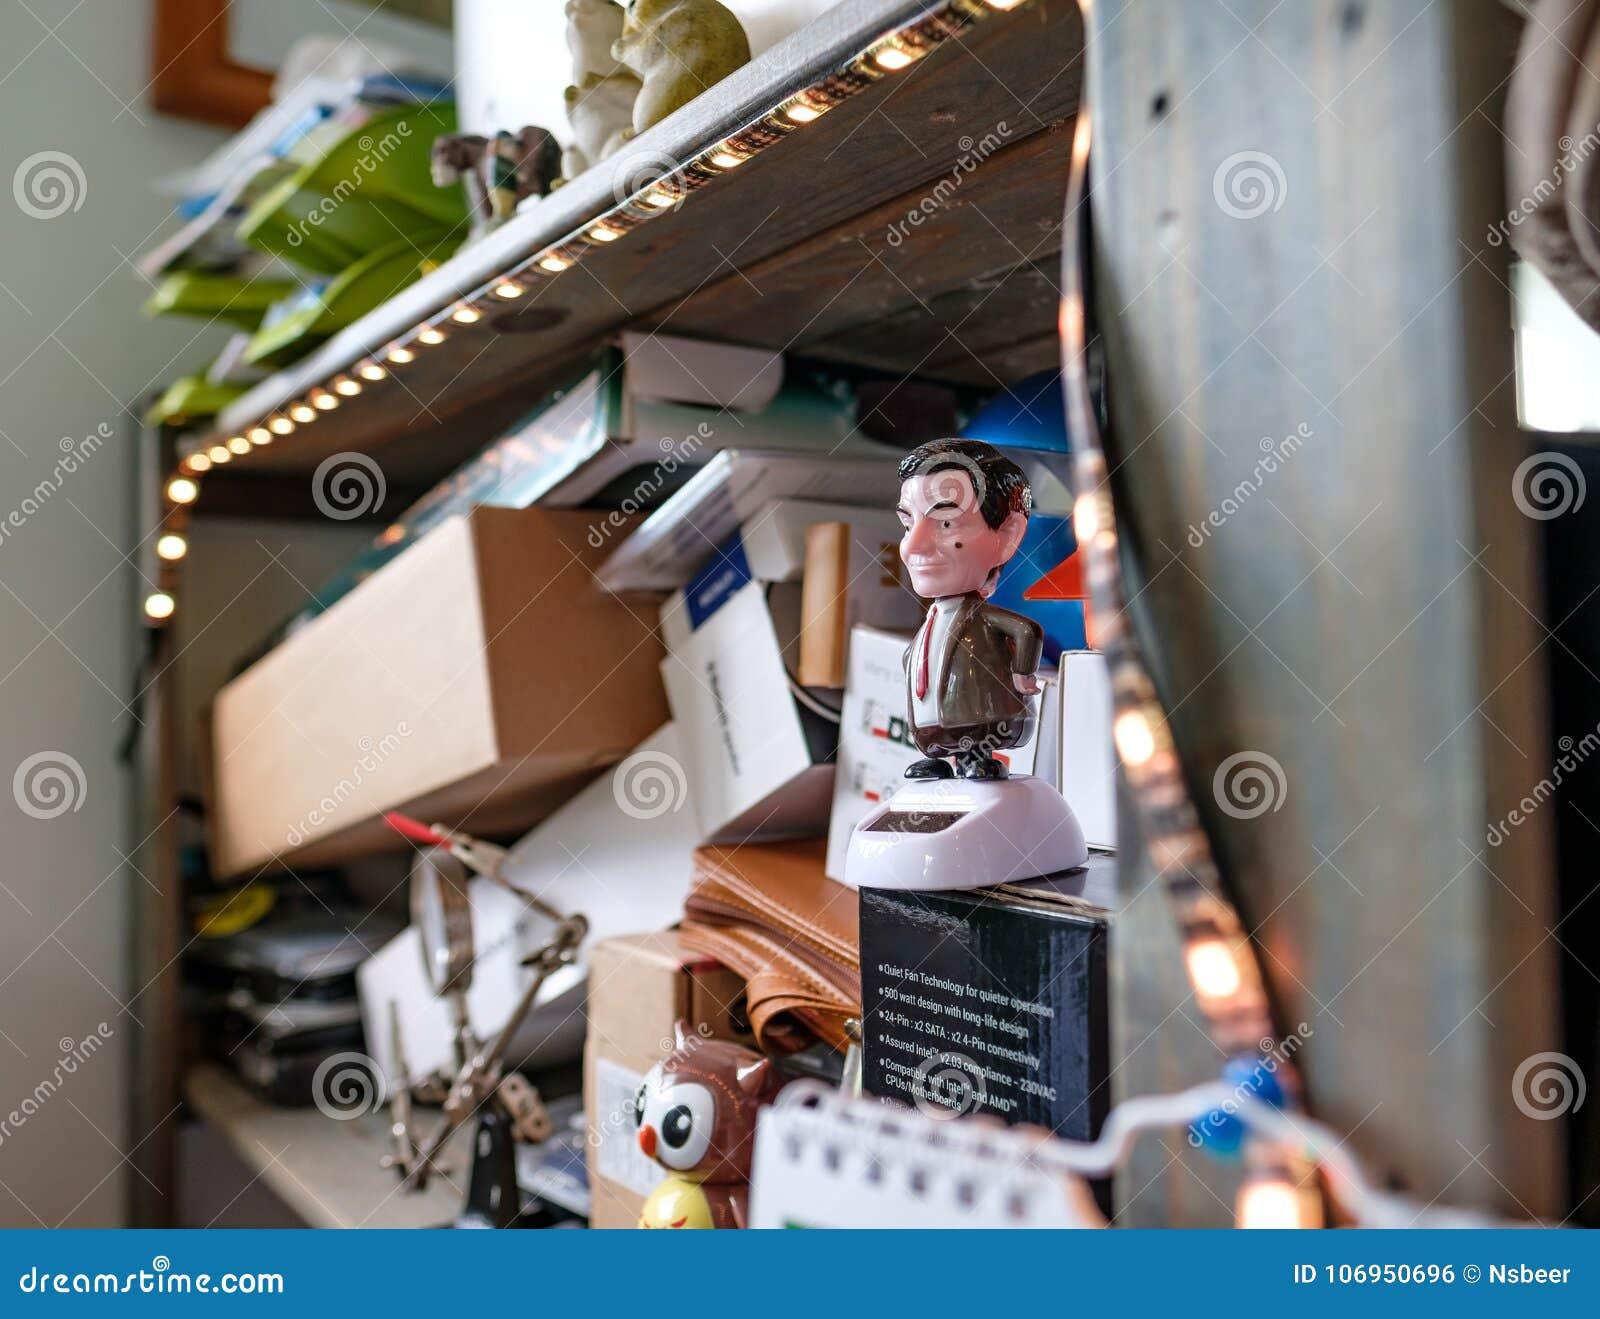 Ideia interior de uma desordem da exibição do espaço de trabalho do escritório como visto em uma estante de madeira